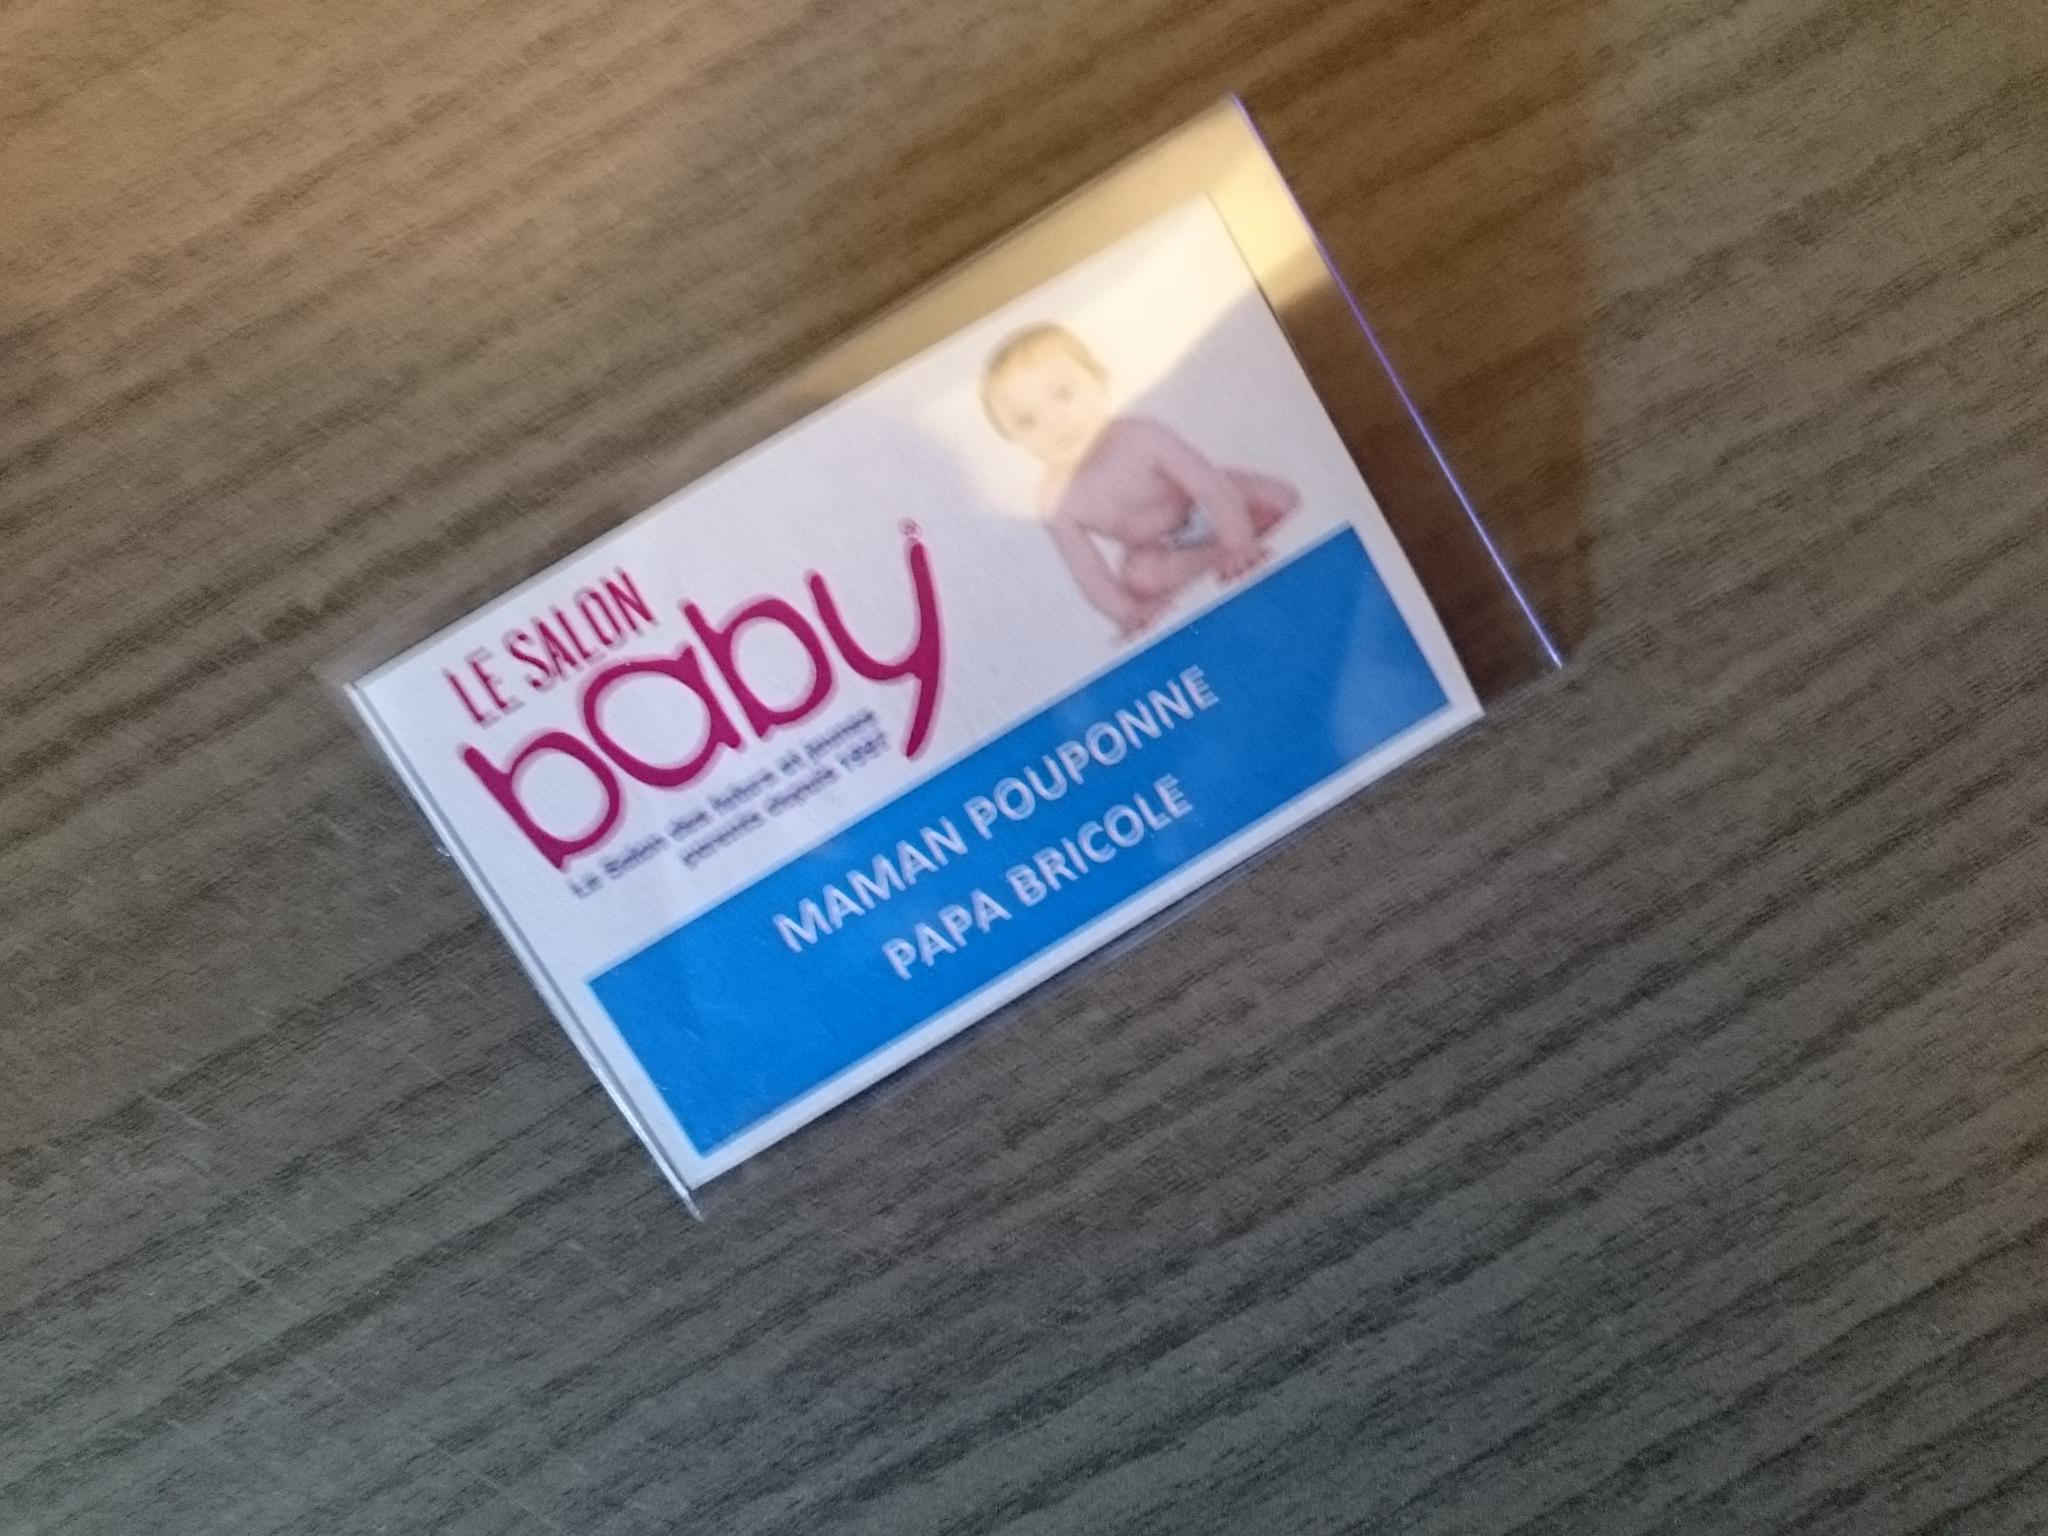 Personnalisé Bébés Bricoles et Sac Baby Shower Cadeaux bébé couche Sac Personnalisé B